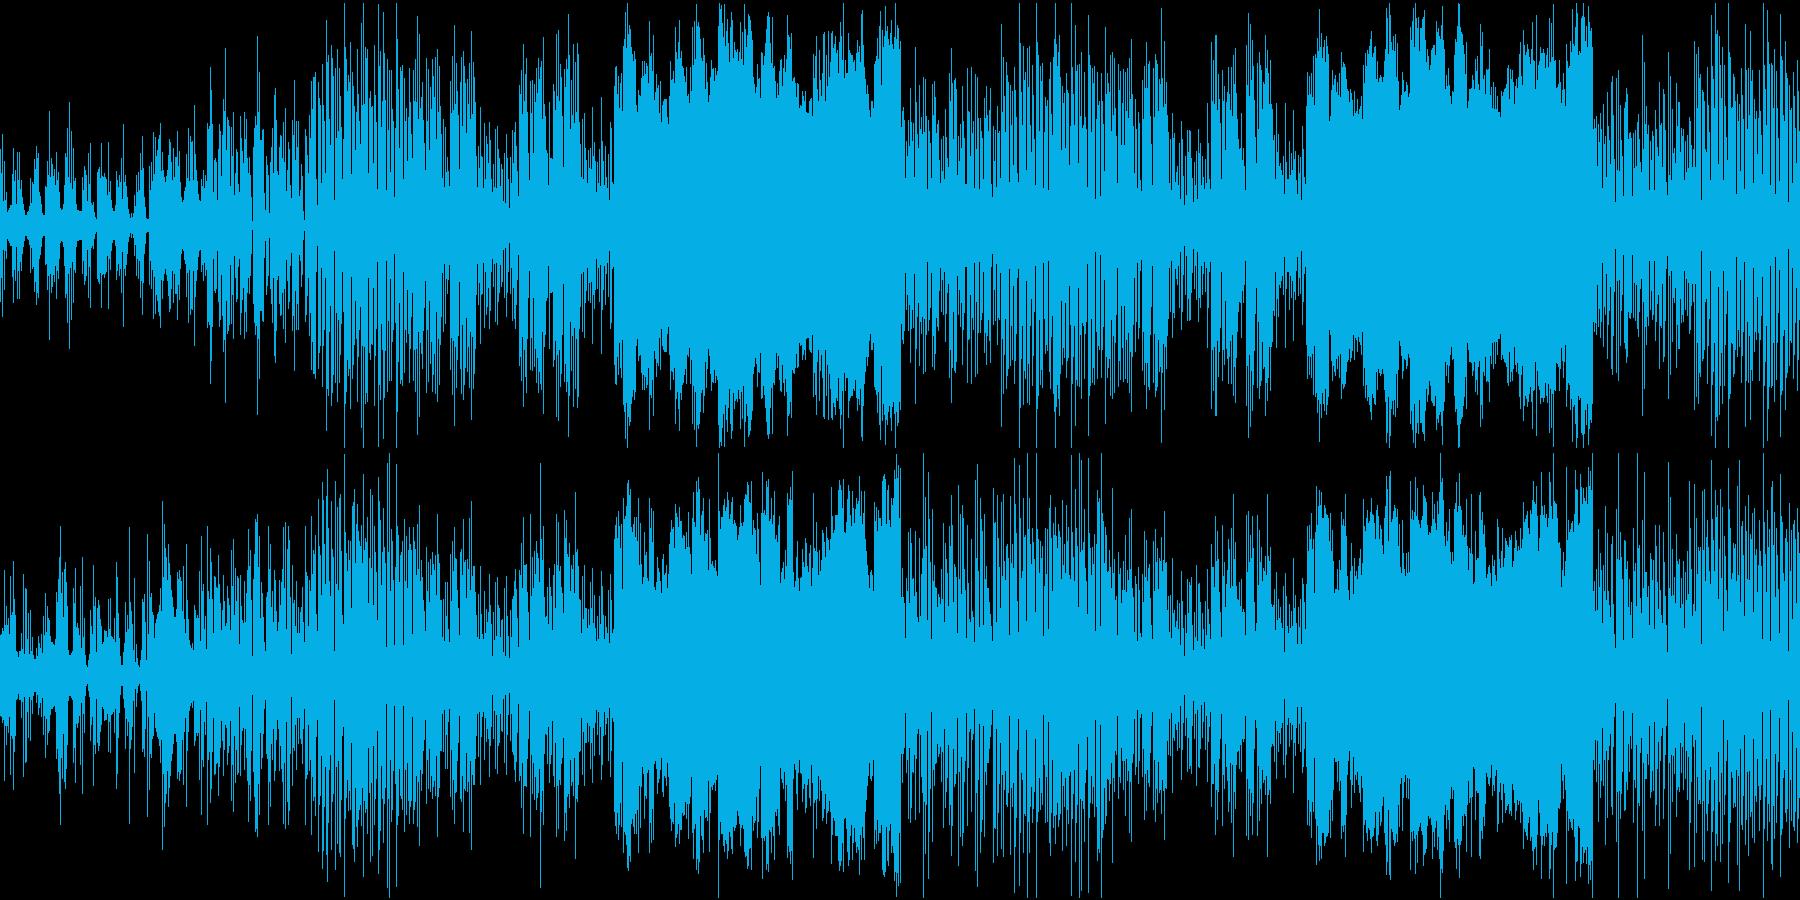 ループ可能なミドルテンションテクノポップの再生済みの波形